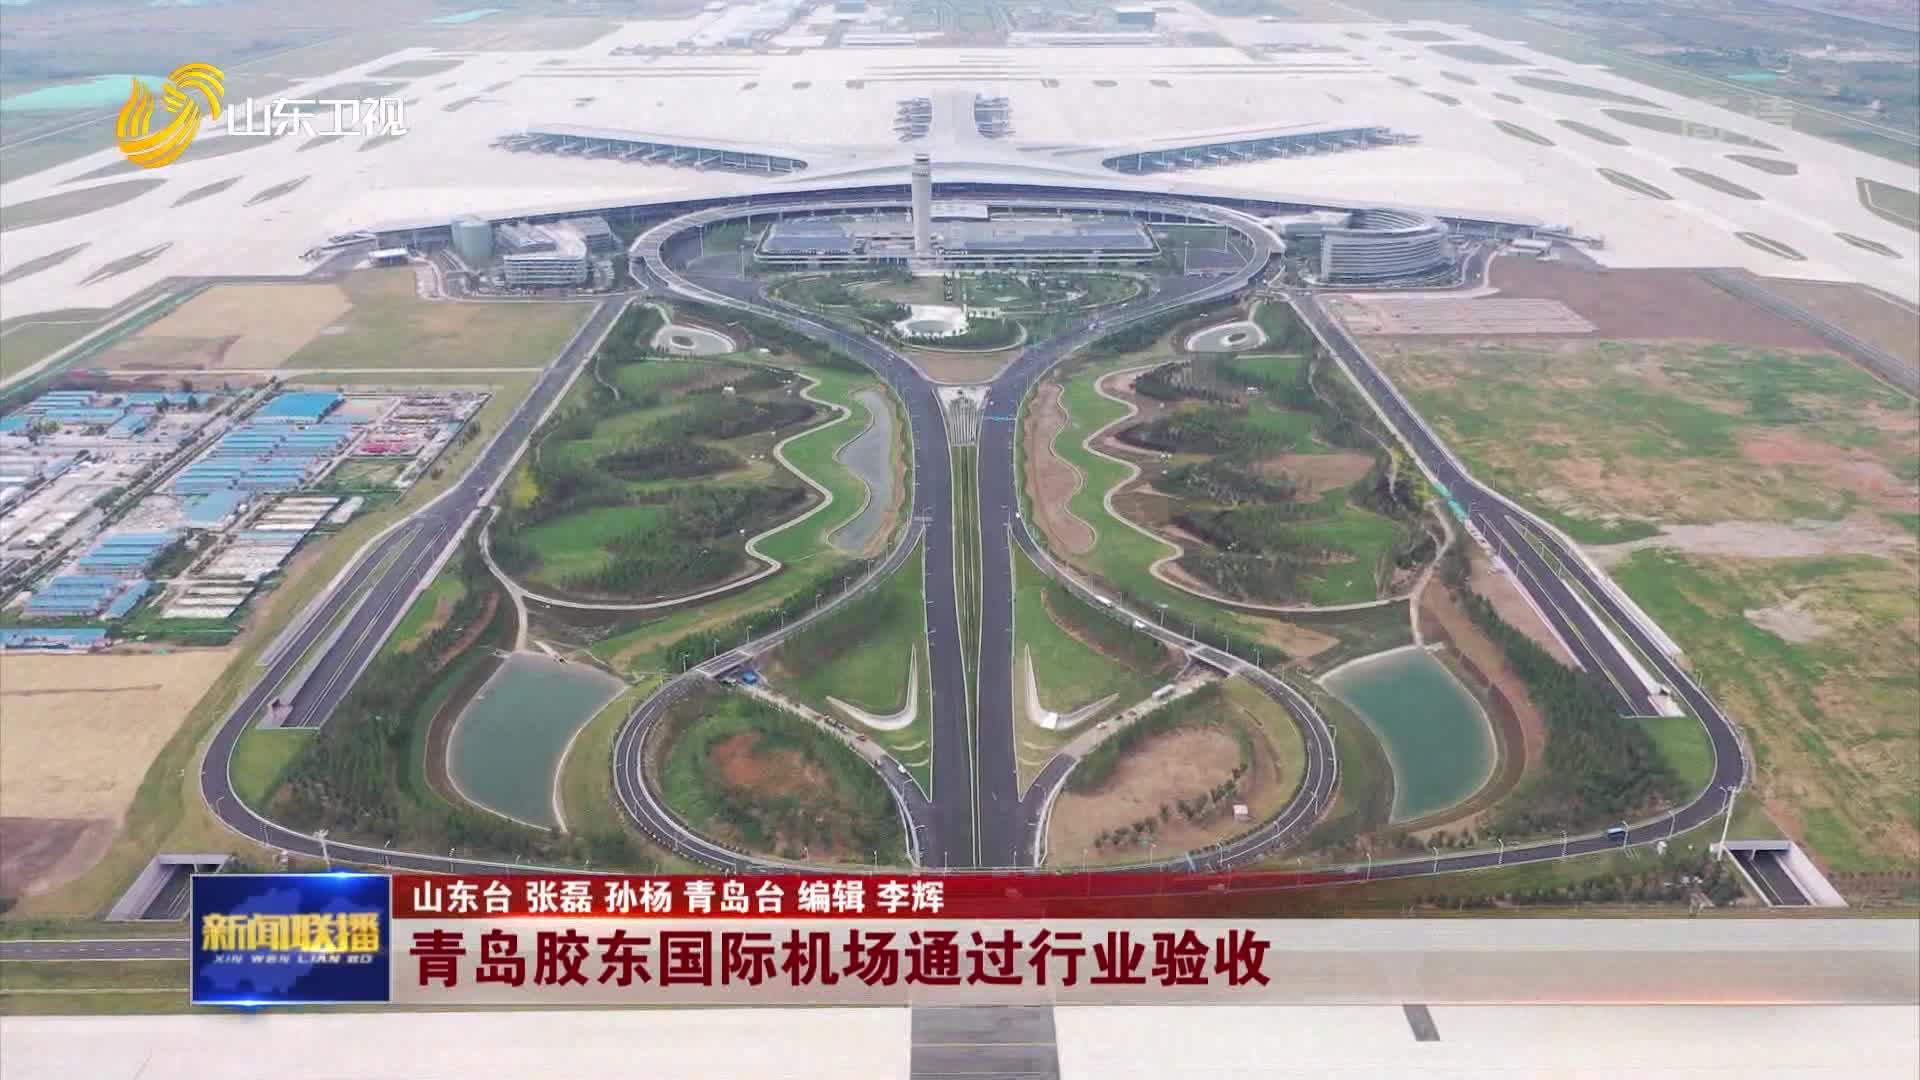 青岛胶东国际机场通过行业验收